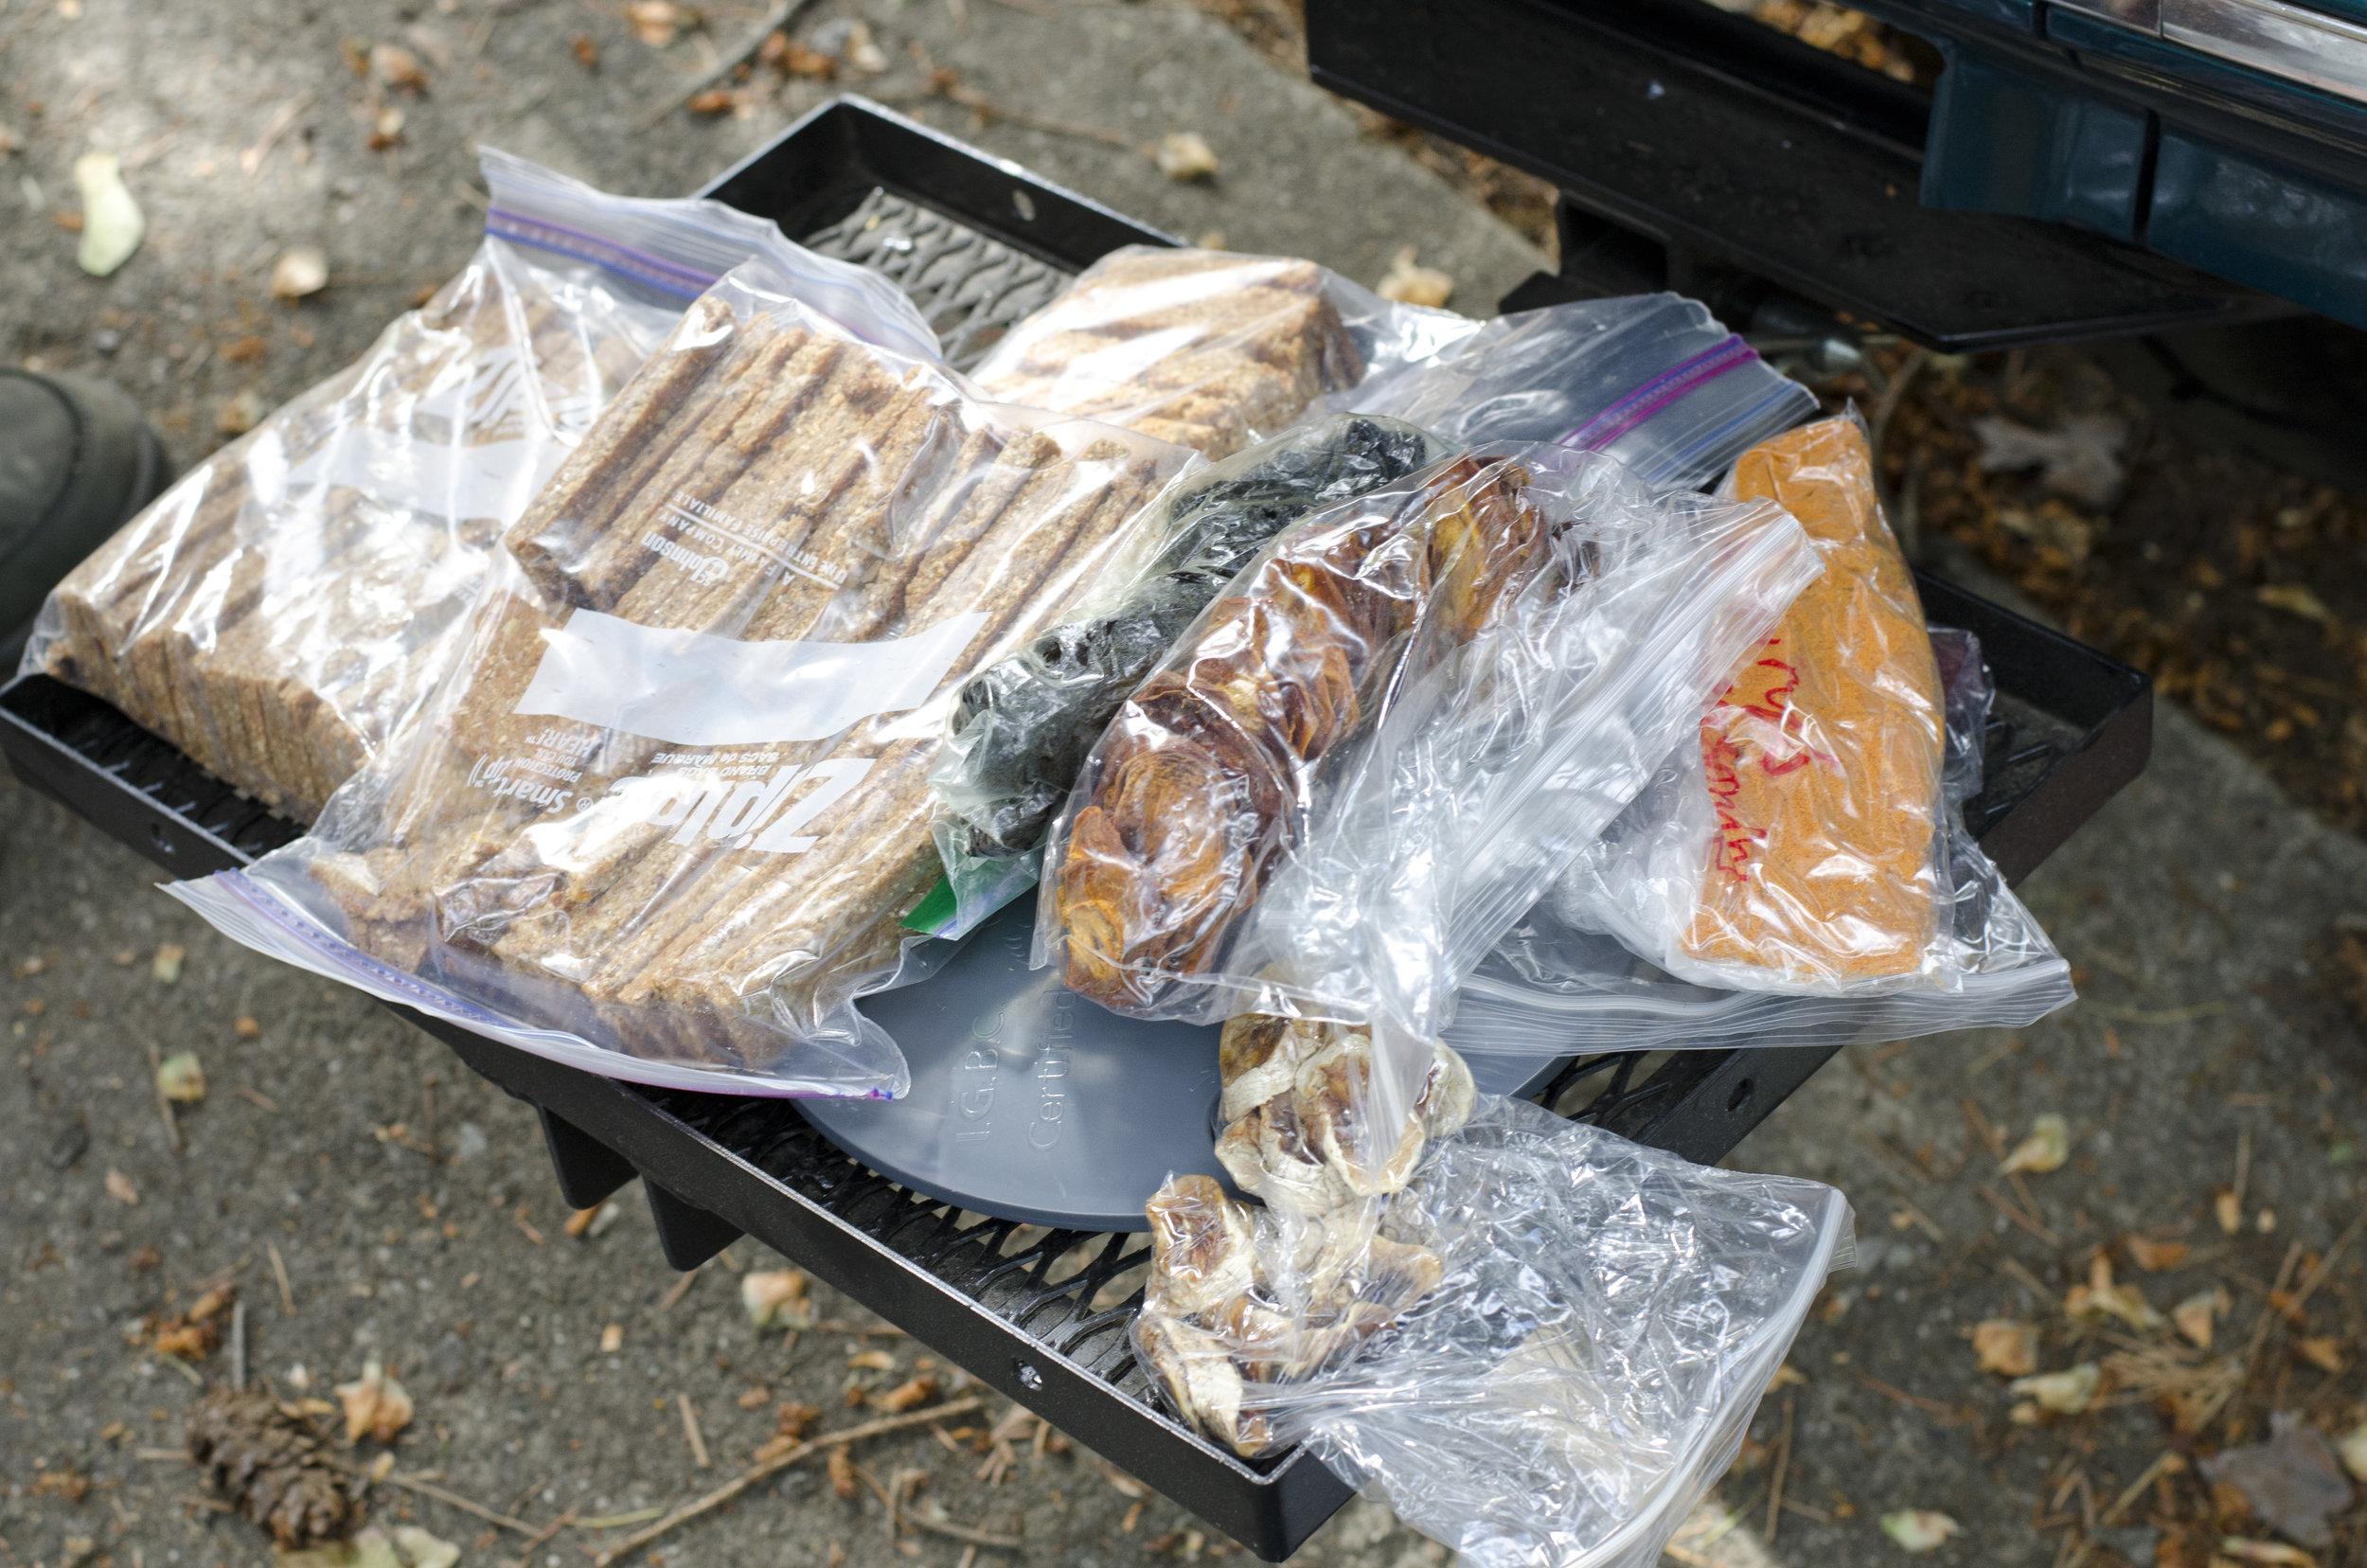 Dried goods and seasonings